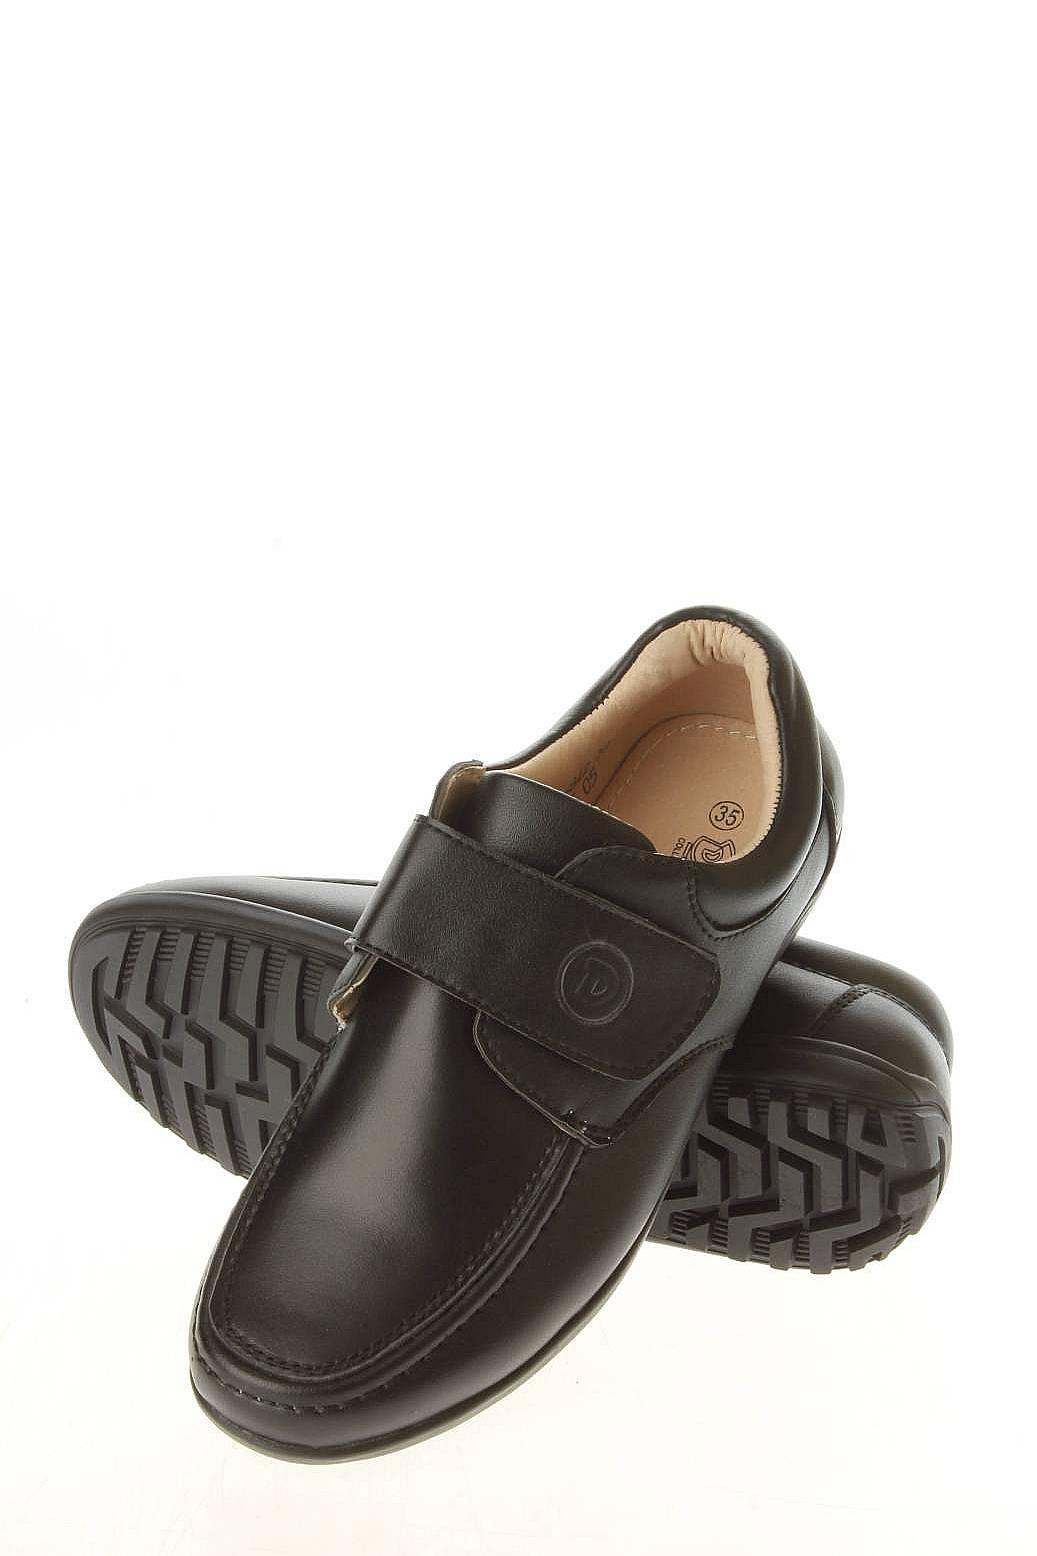 Мужская Обувь Детская Обувь Туфли: Dummi Обувь